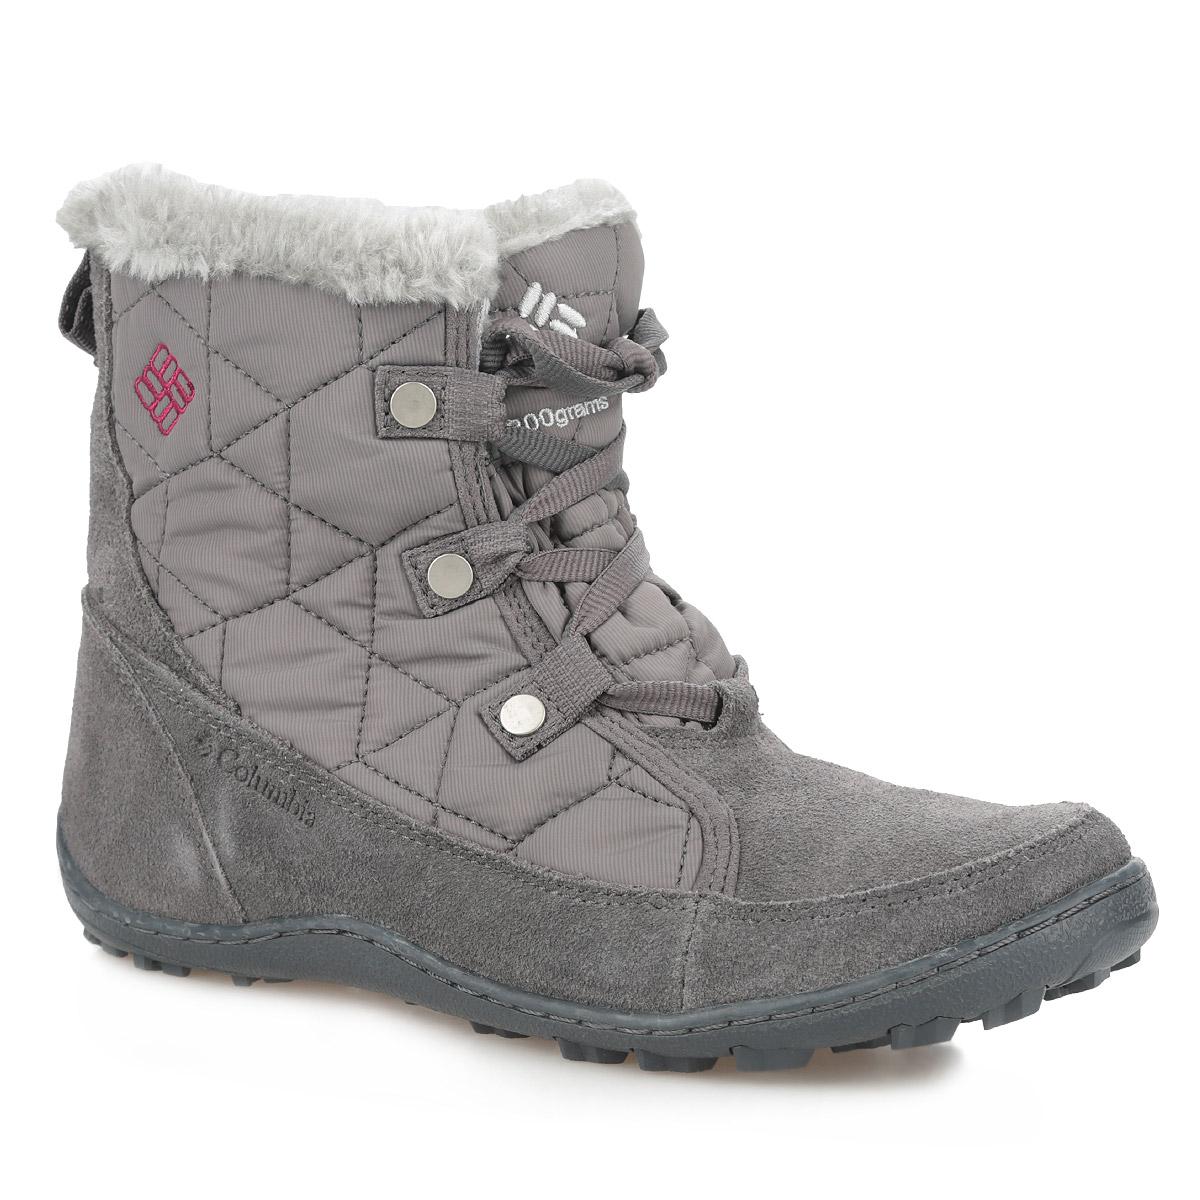 Ботинки женские Minx Shorty Omni-Heat. L1630/L15930107